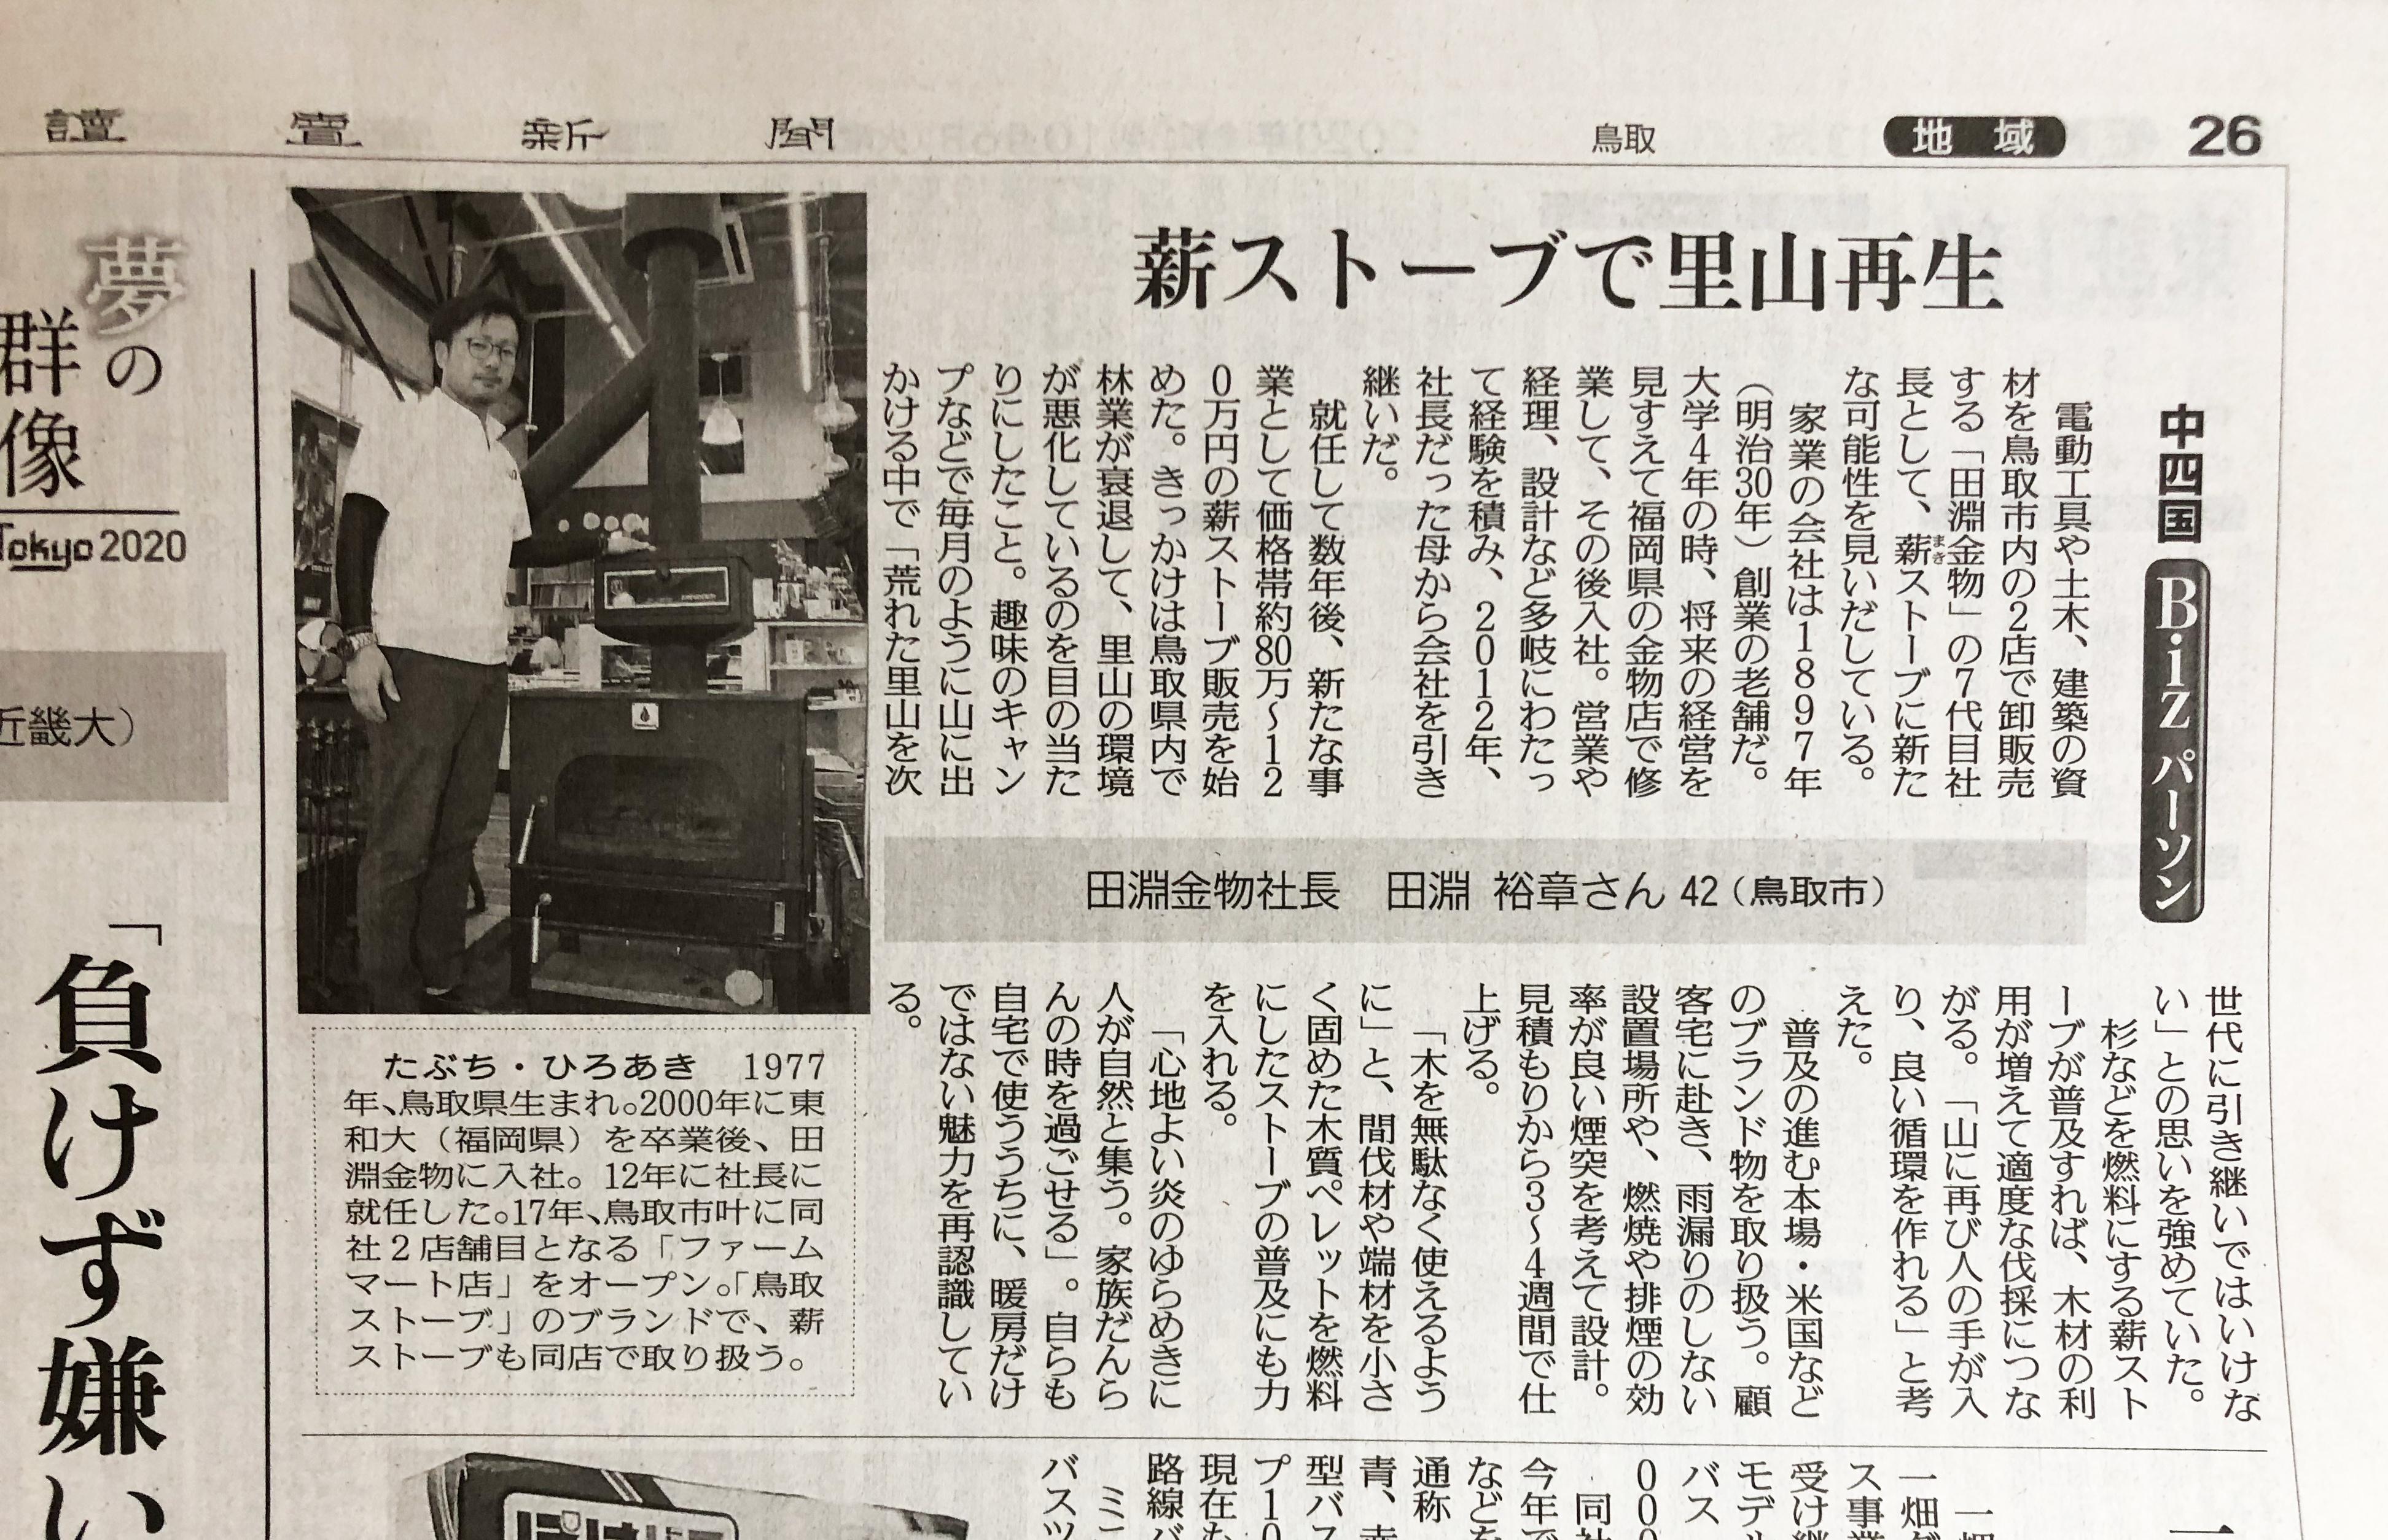 10月6日(火)読売新聞 中四国版 に鳥取ストーブ代表の株式会社田淵裕章の紹介記事が掲載されました!